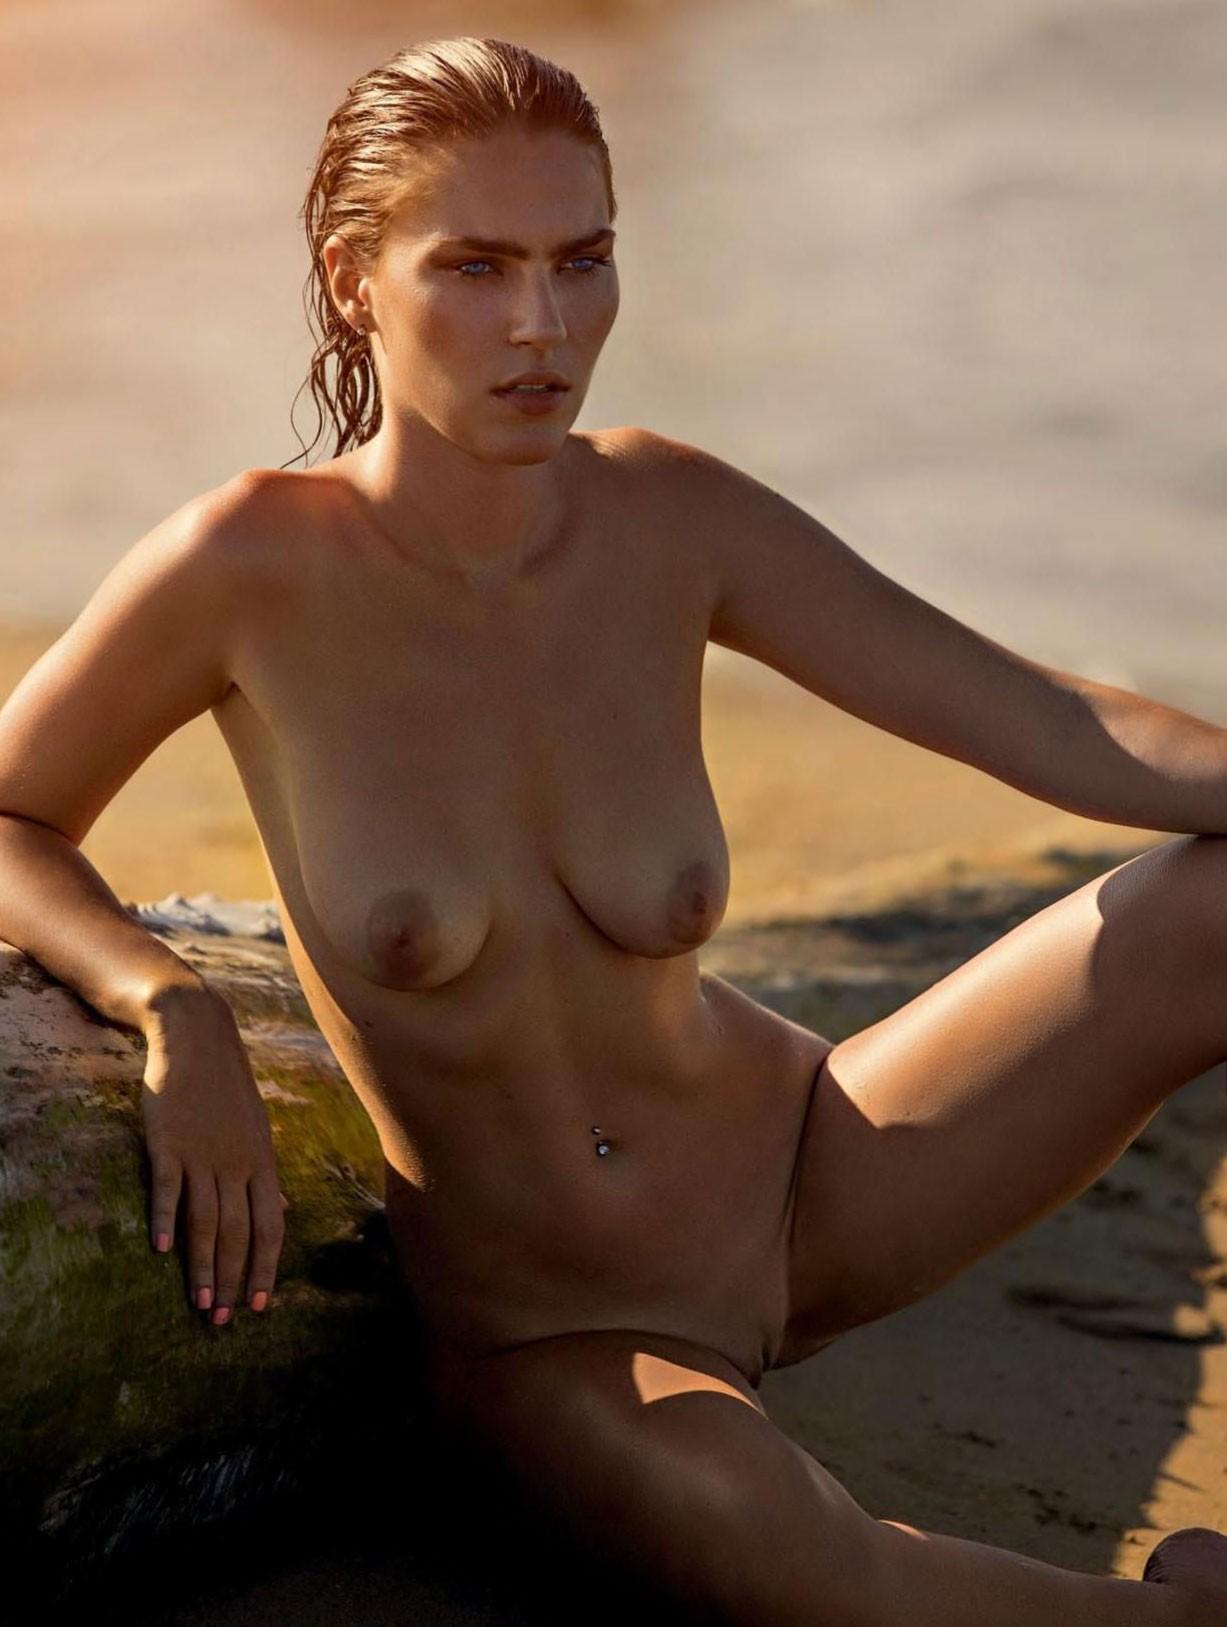 сексуальный отдых на итальянском курорте Линьяно с Гайей Бобек / Gaja Bobek nude by Ales Bravnicar - Playboy Slovenija december 2017